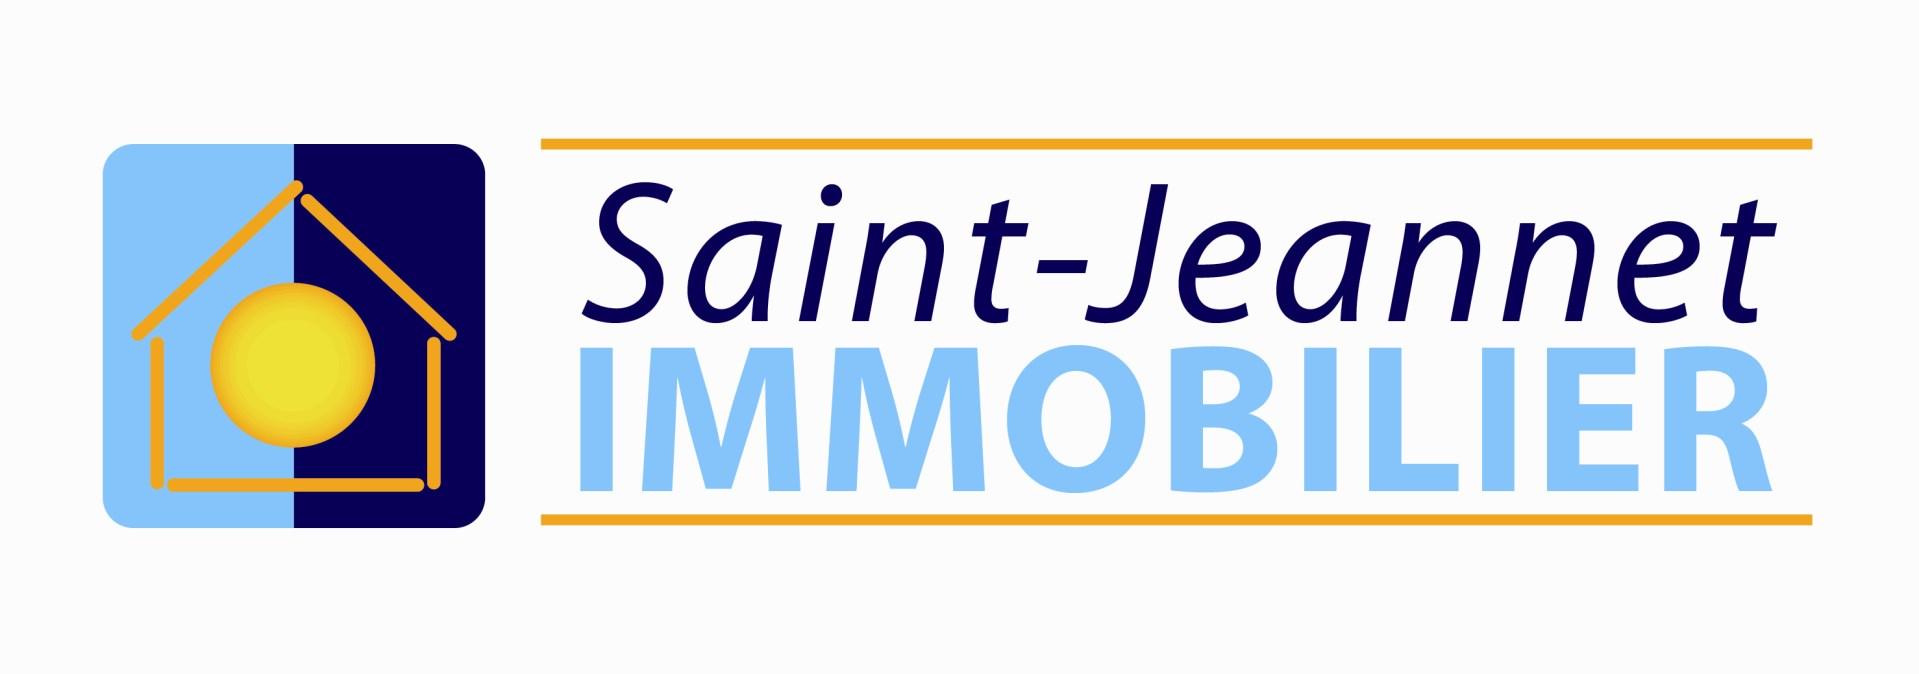 SAINT JEANNET IMMOBILIER